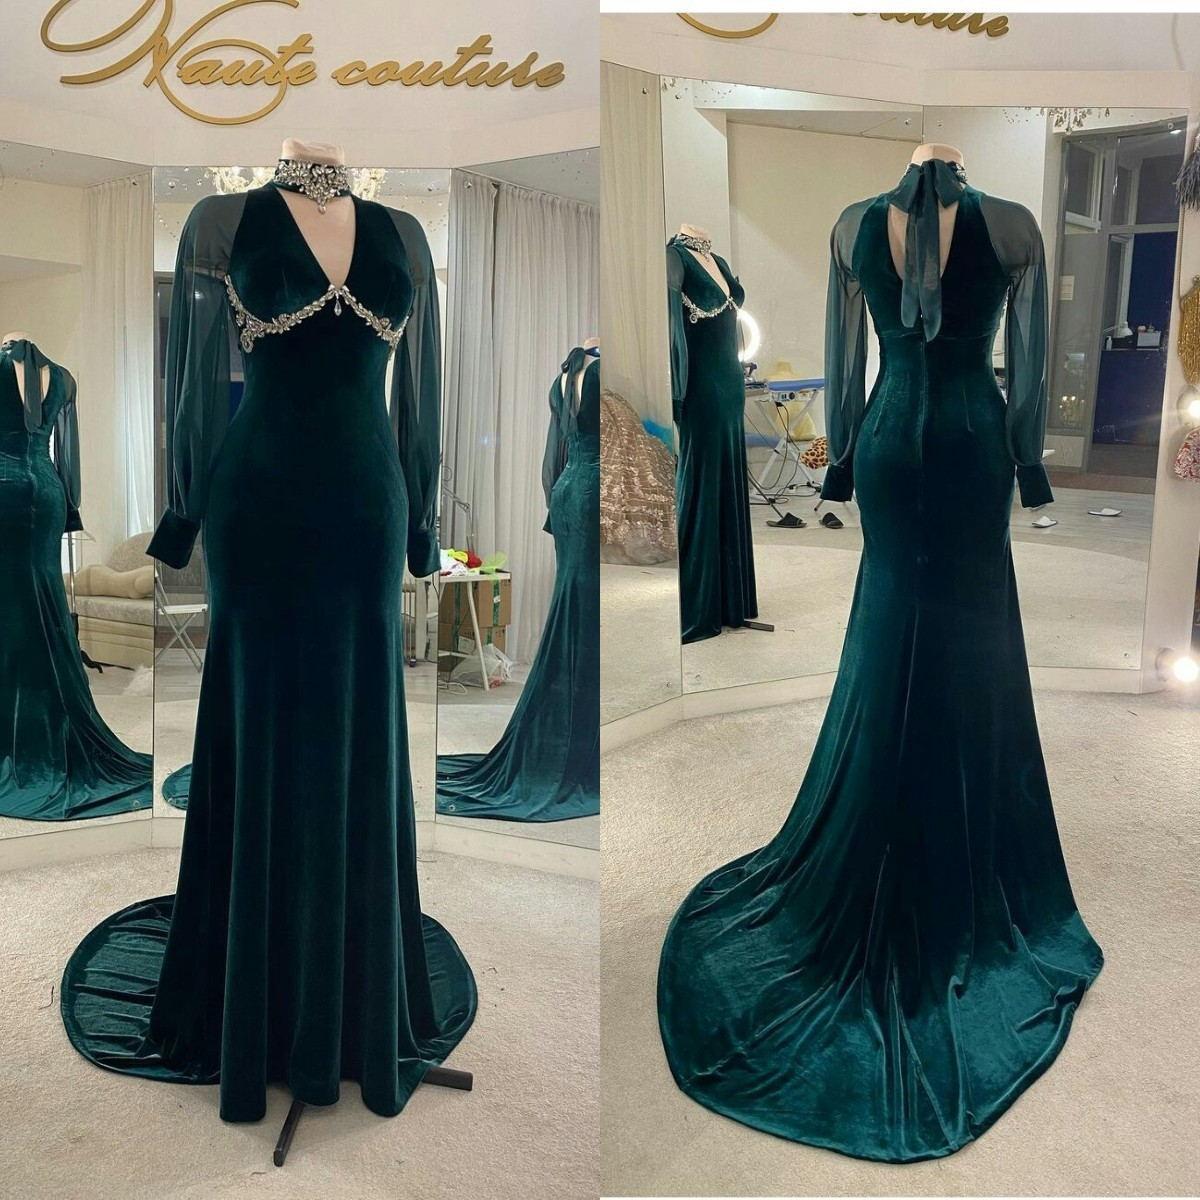 Dark Green Velvet Evening Dresses for Women High Collar Crystal Mermaid Prom Dress Party Wear Formal Robe De Soirée Long Sleeve